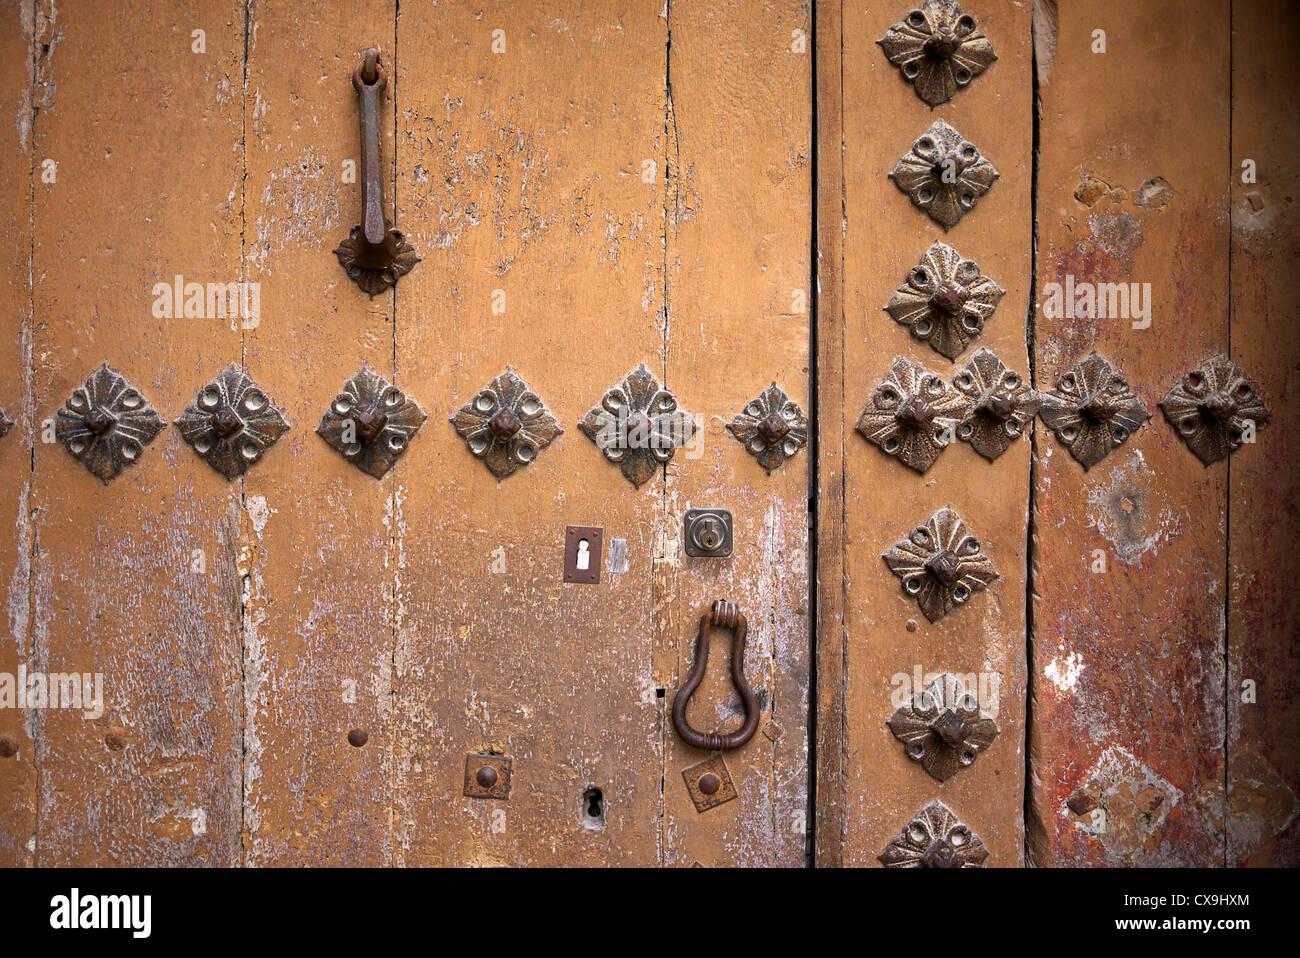 Old wooden door with metal rivets Spain. - Stock Image & Old Metal Door Rivets Stock Photos u0026 Old Metal Door Rivets Stock ...